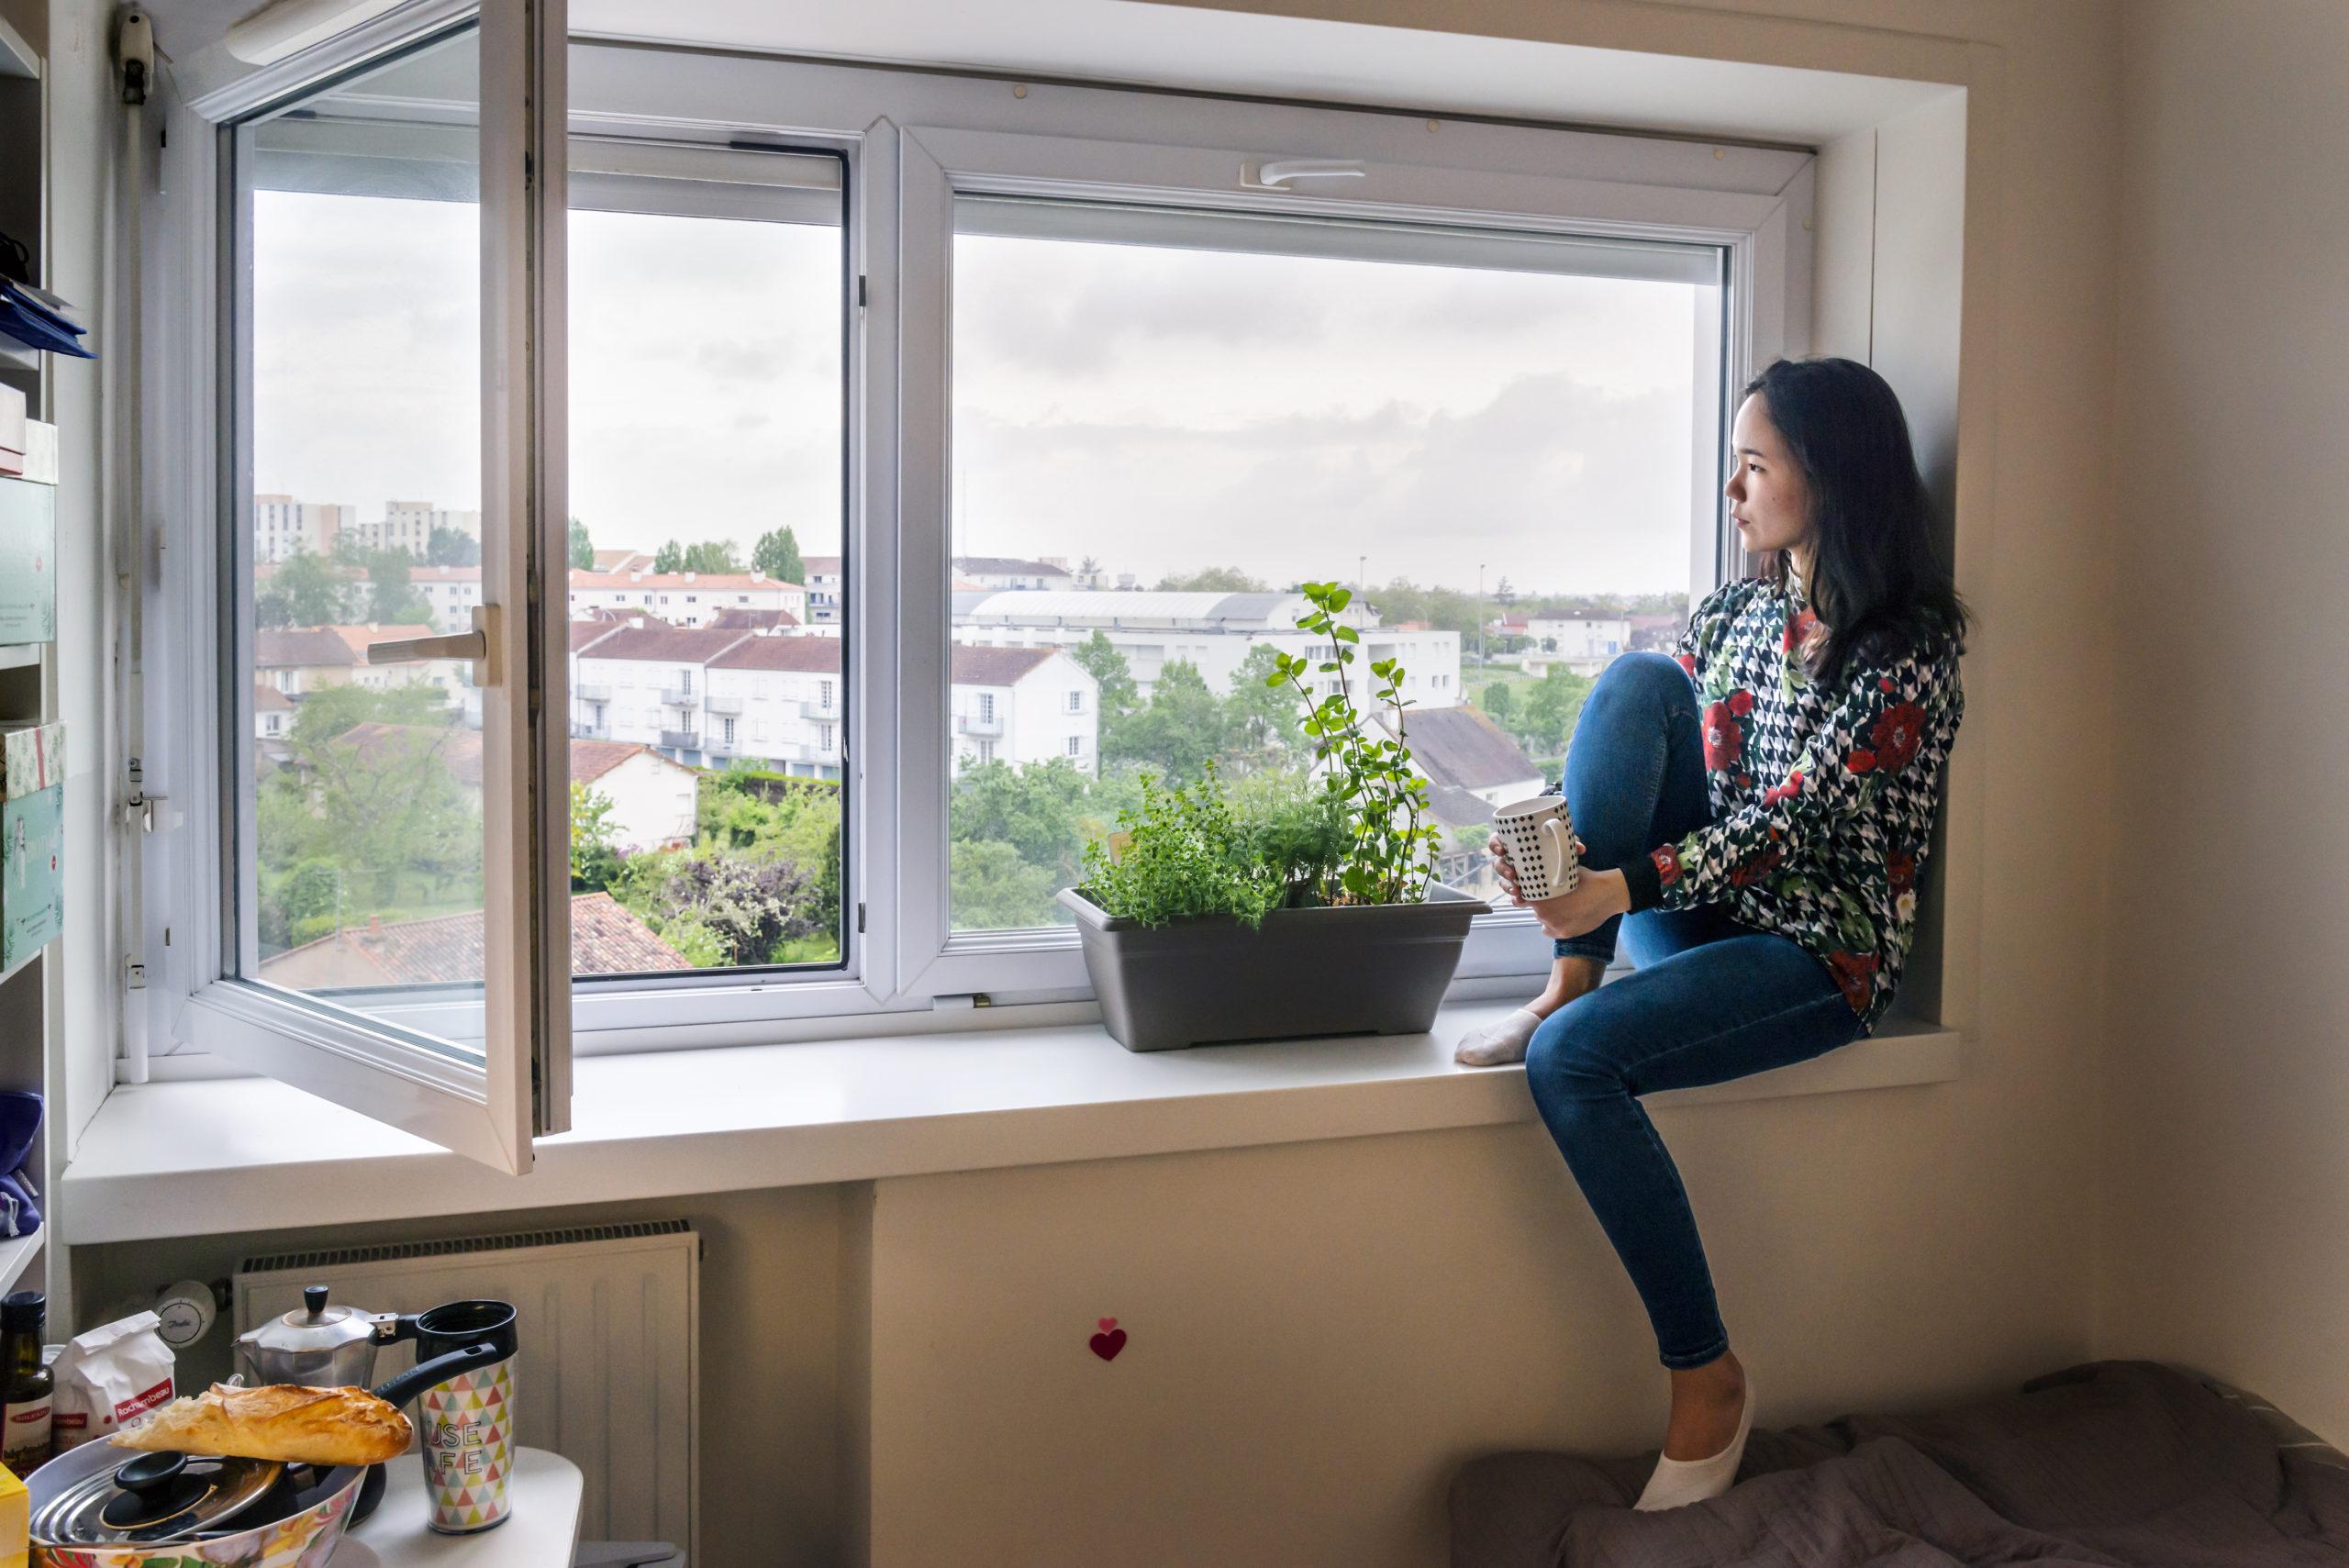 Adel est une étudiante kirghize de 21 ans venue étudier le français à l'université de Poitiers.